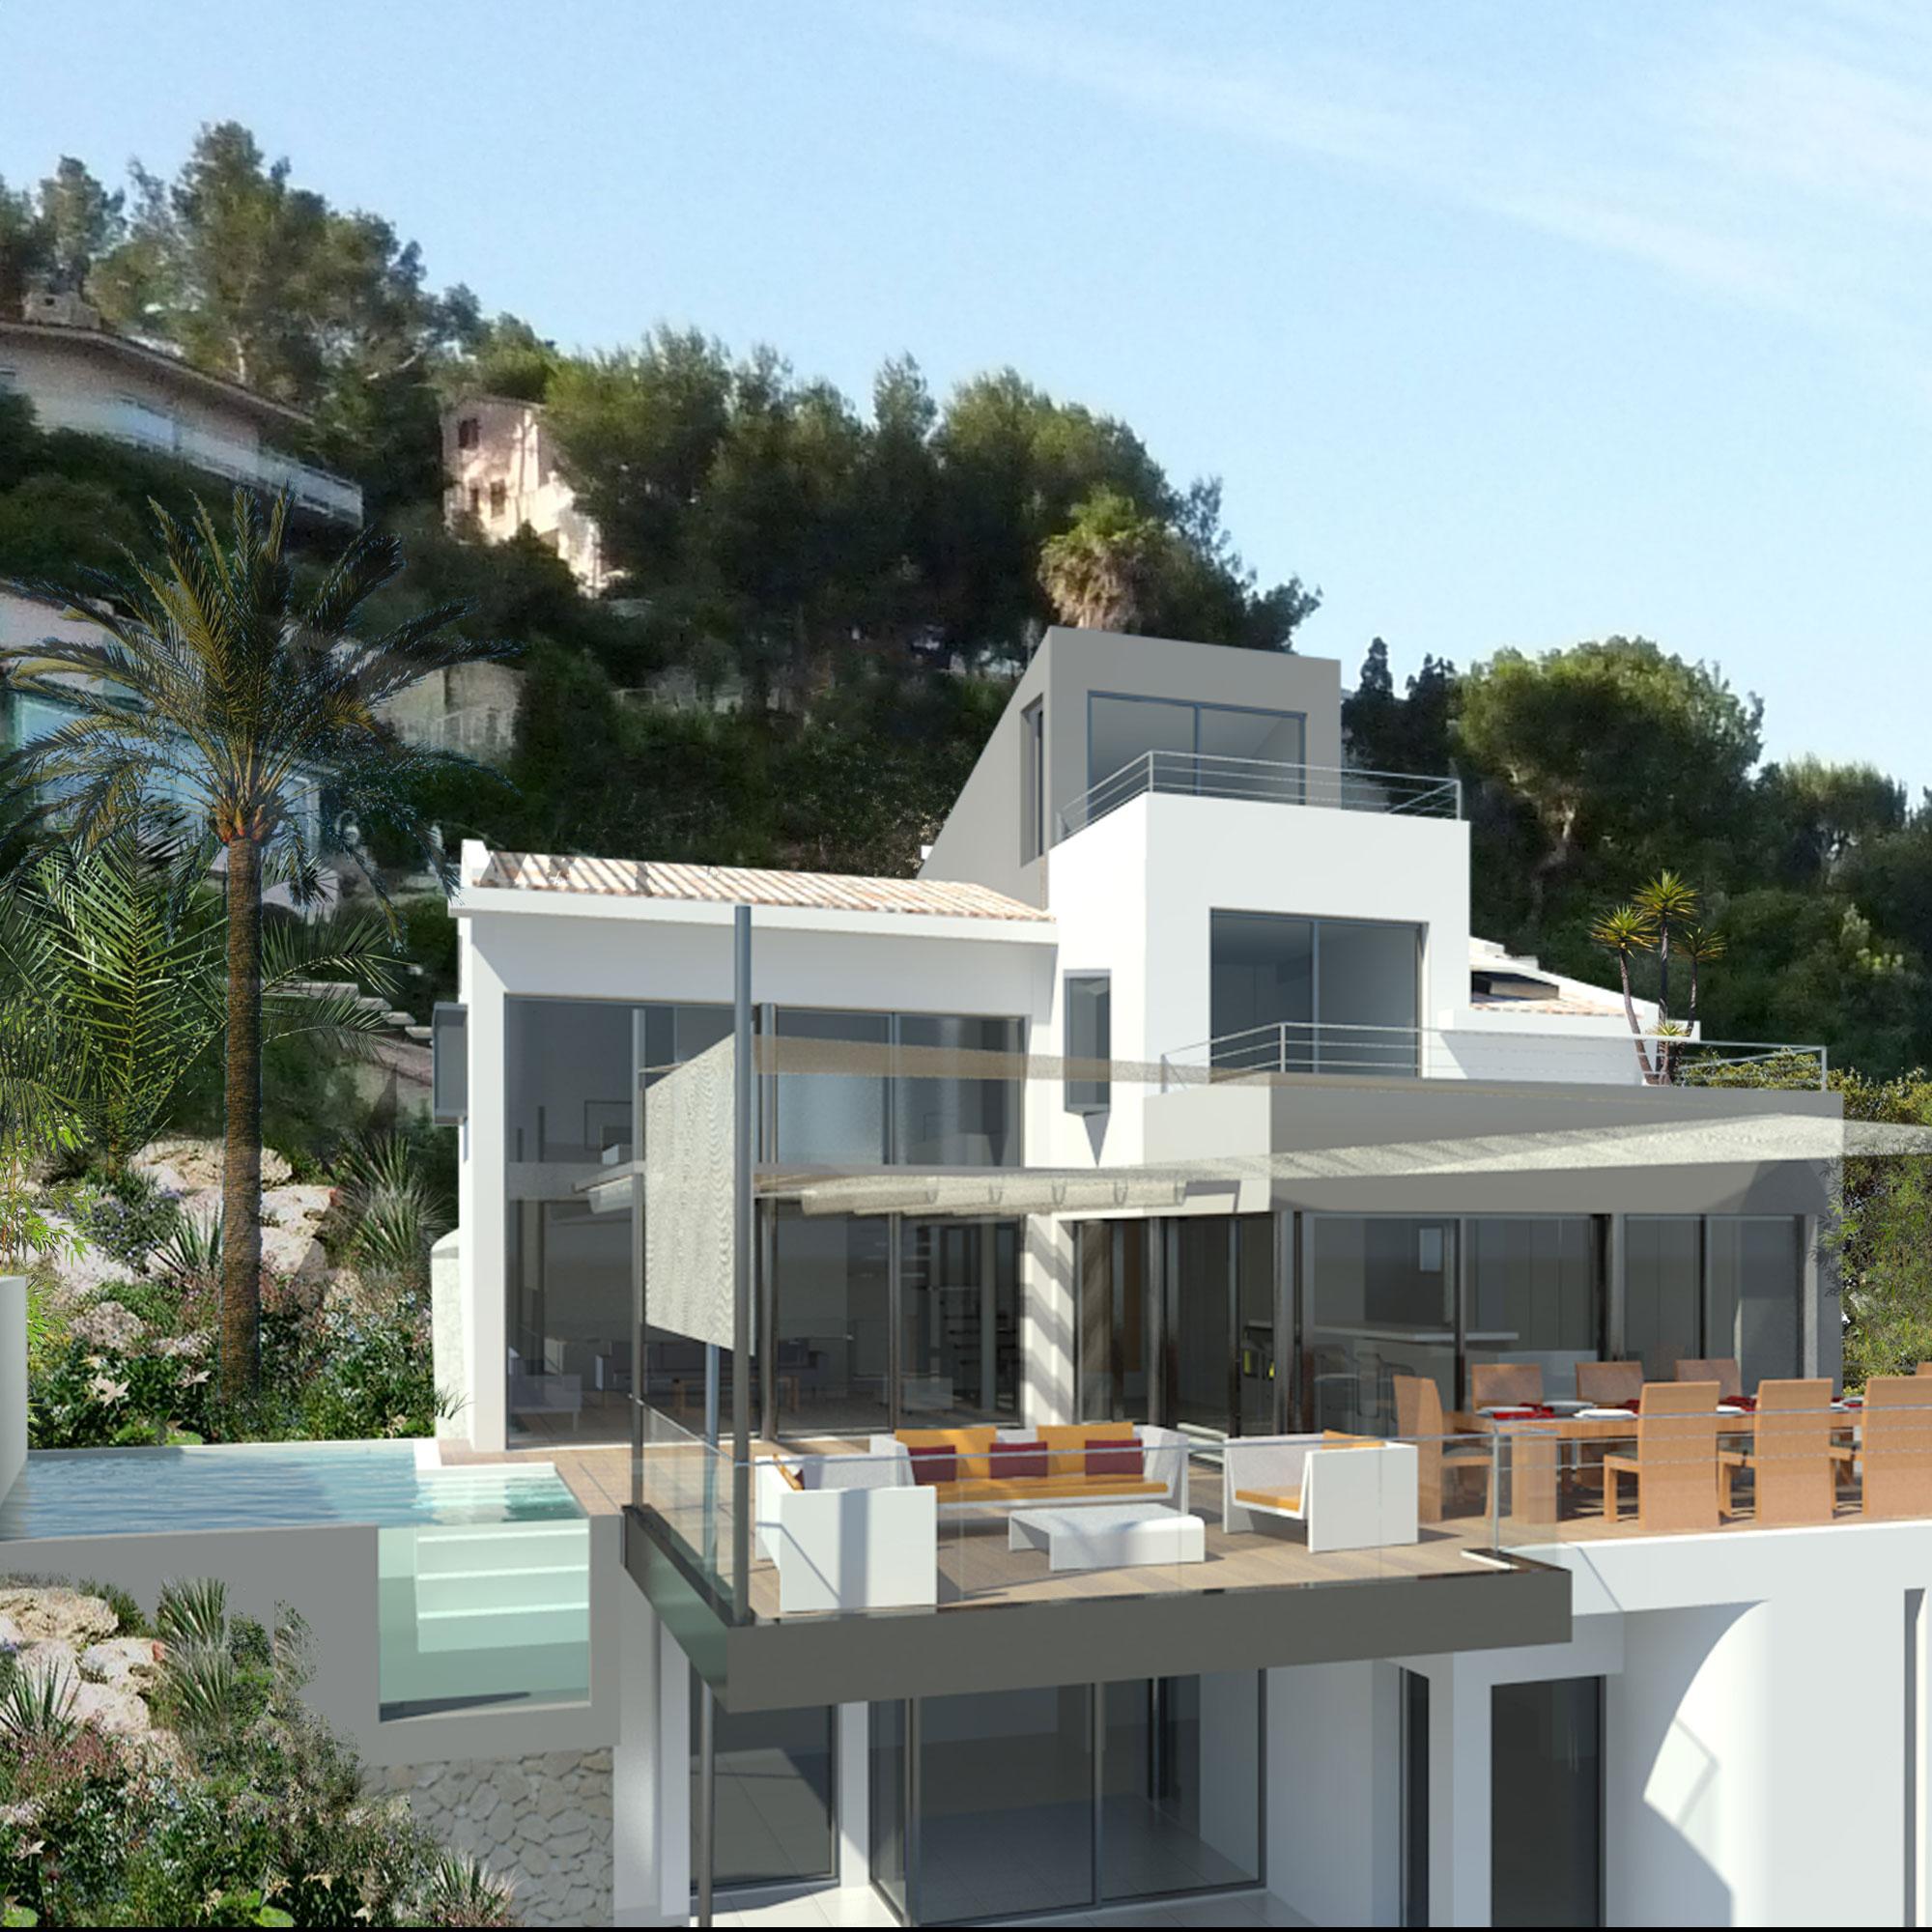 Projet De Réaménagement D'une Maison Avec Piscine Suspendue ... pour Piscine Suspendue